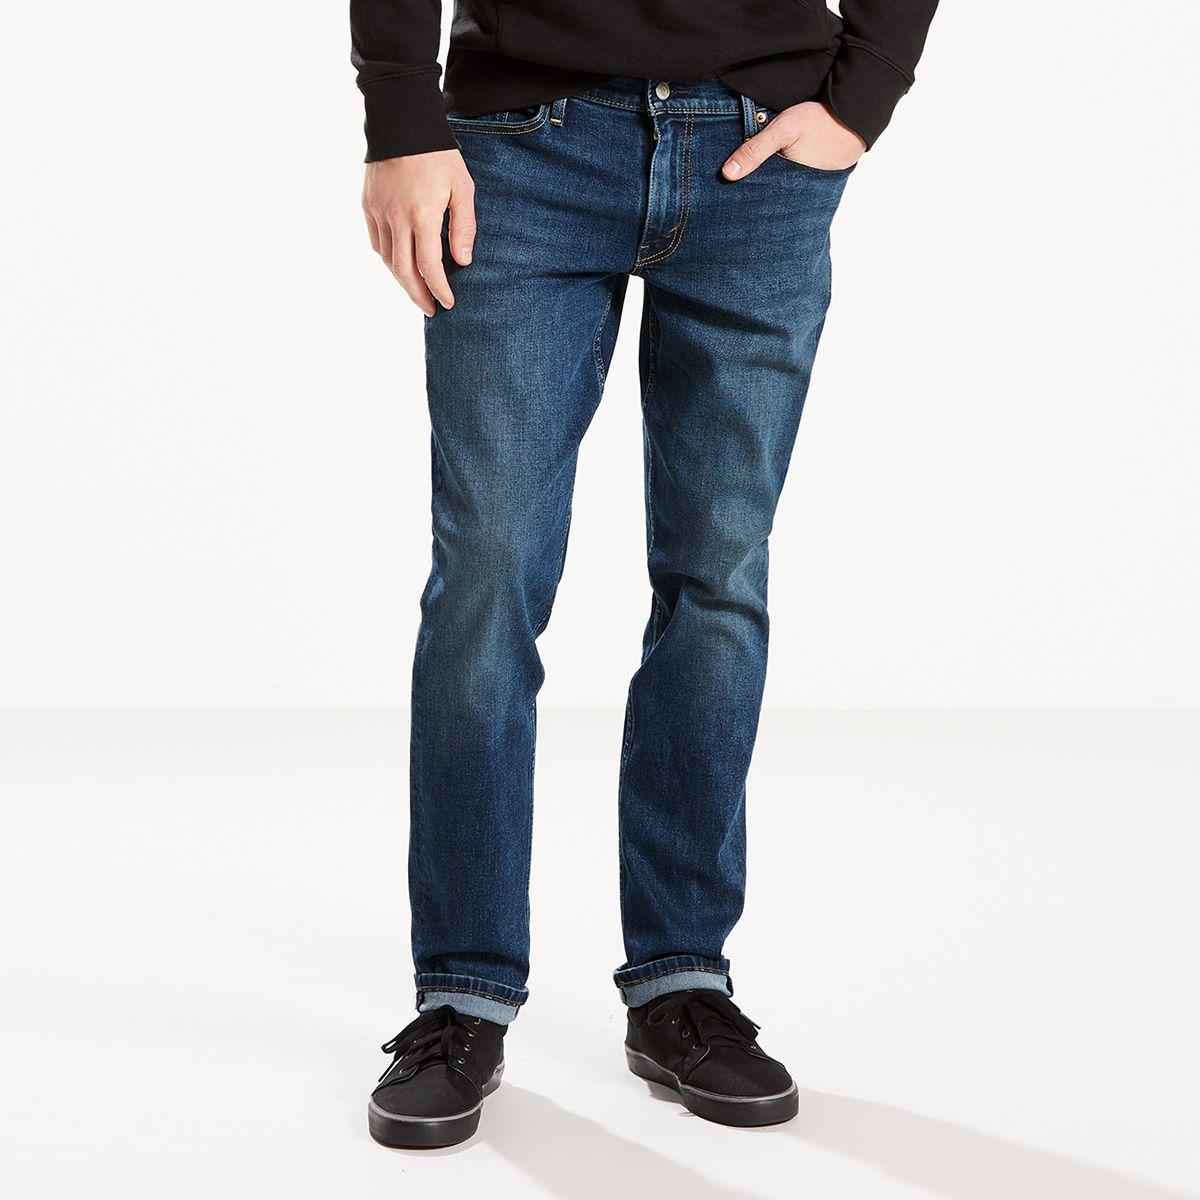 038cd68ed4b Levis Jeans for Men - Macy s